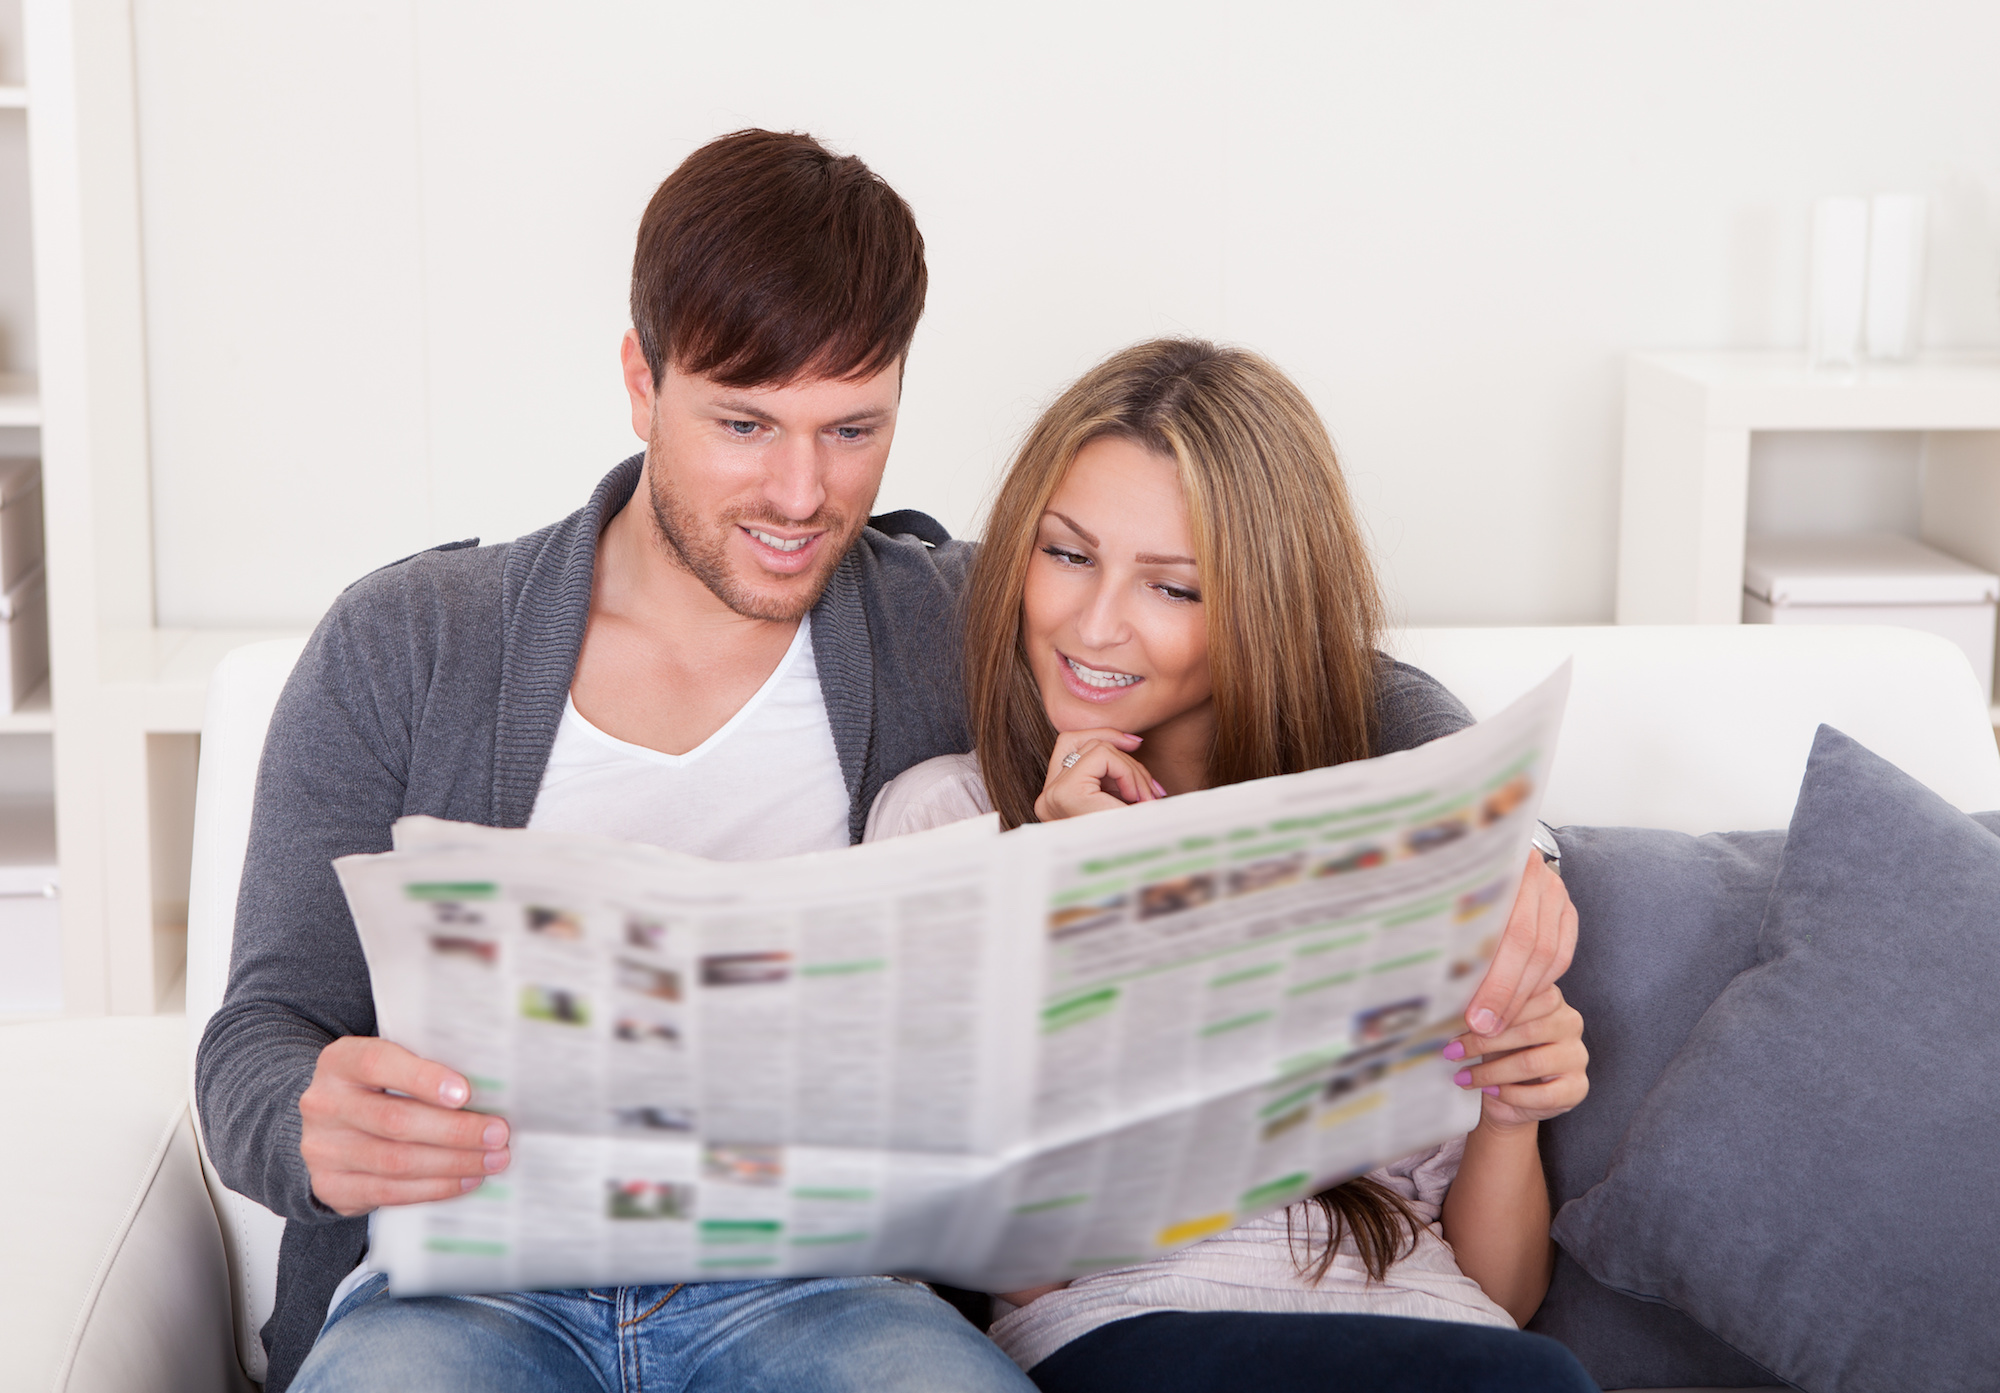 Créez votre propre journal de mariage invitation unique - Happiedays